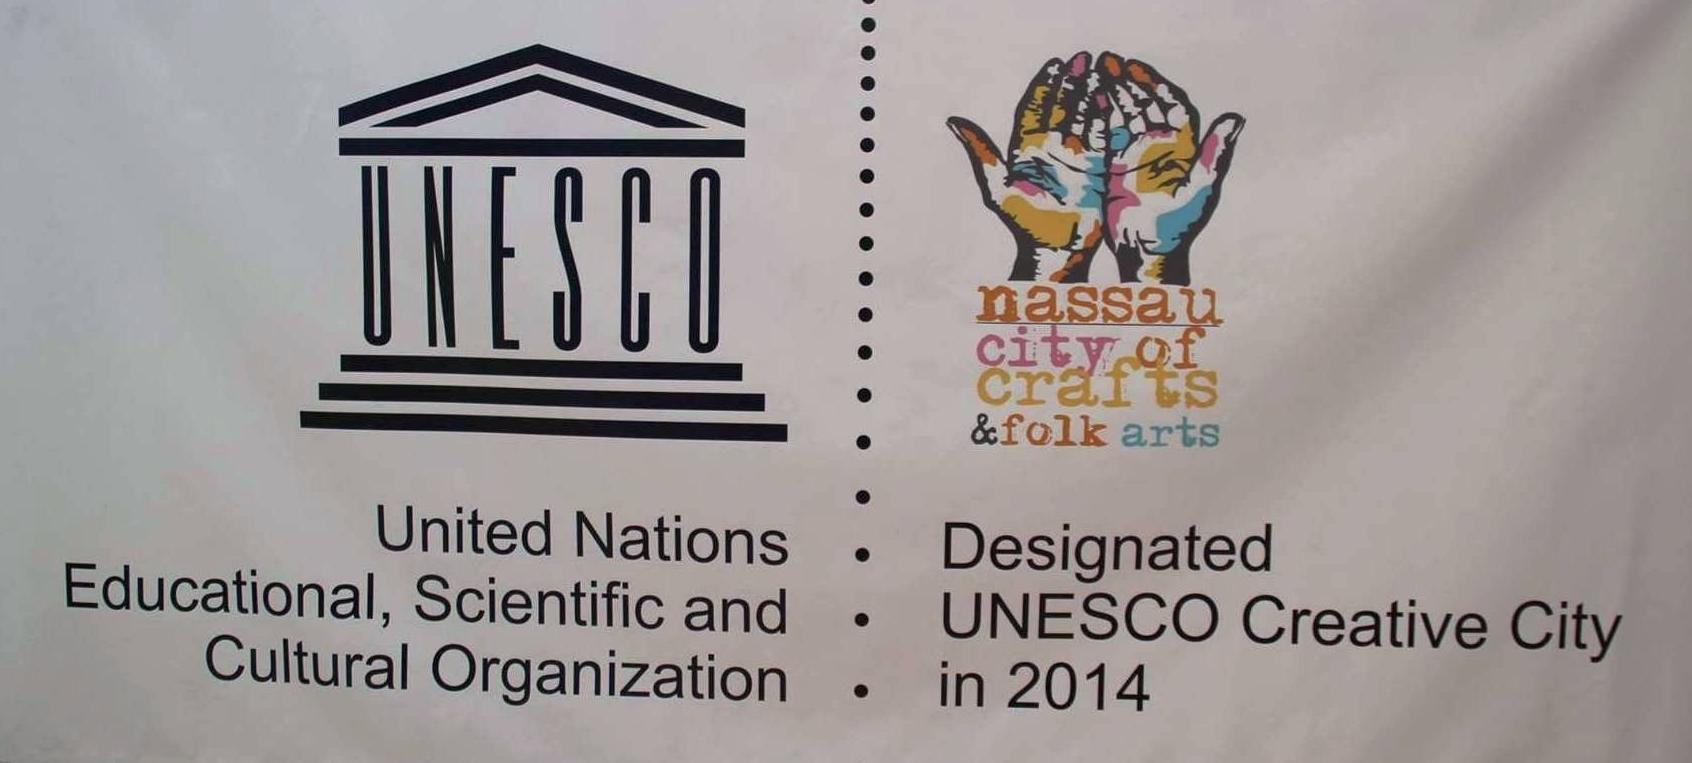 UNESCO sign.JPG